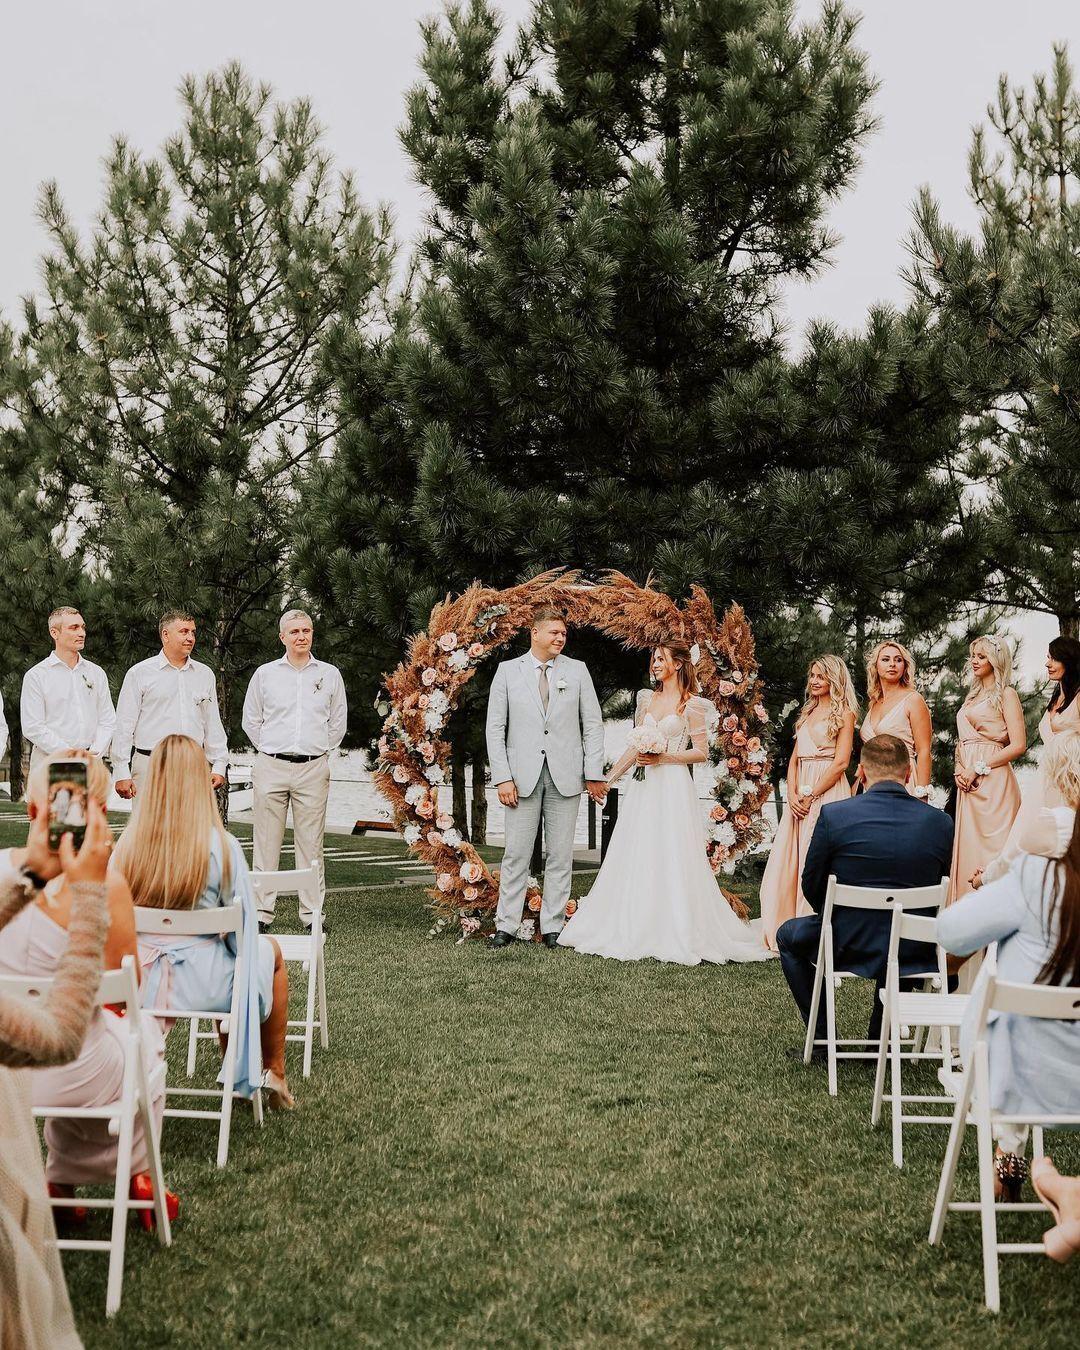 Зінченко і Соколюк показали кадри з весілля